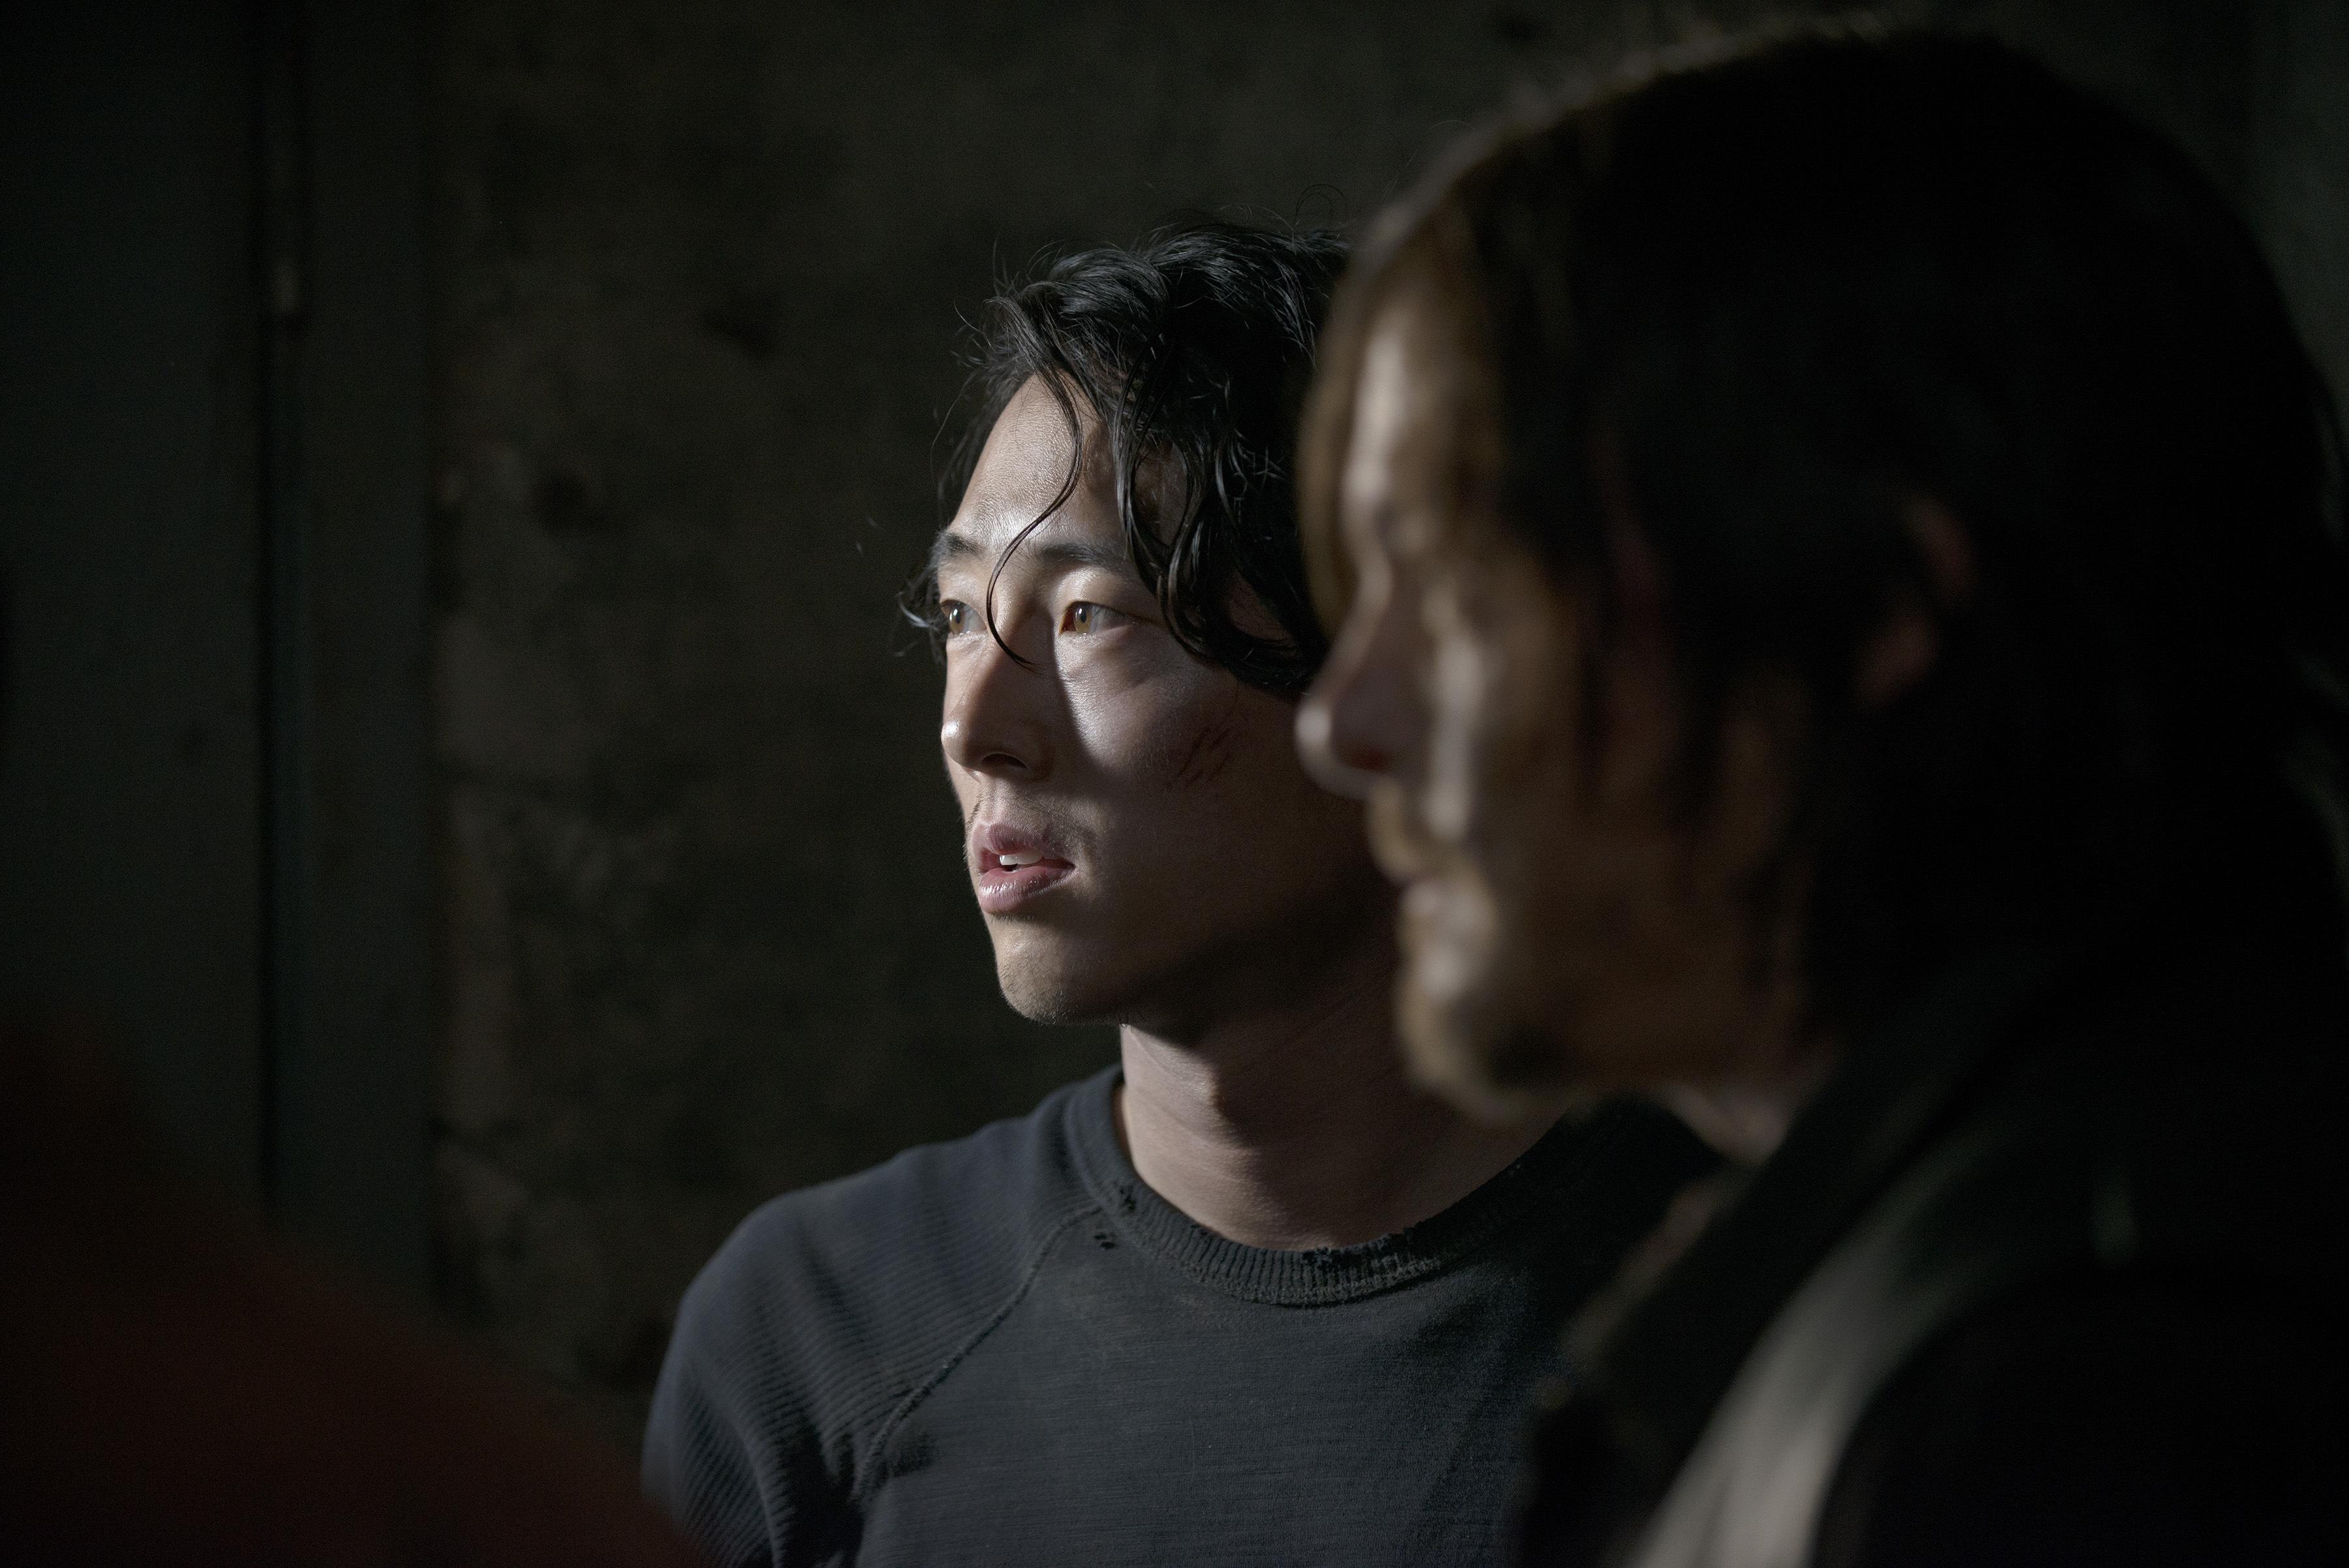 The-Walking-Dead-5-Temporada-S05E01-No-Sanctuary-HQ-001